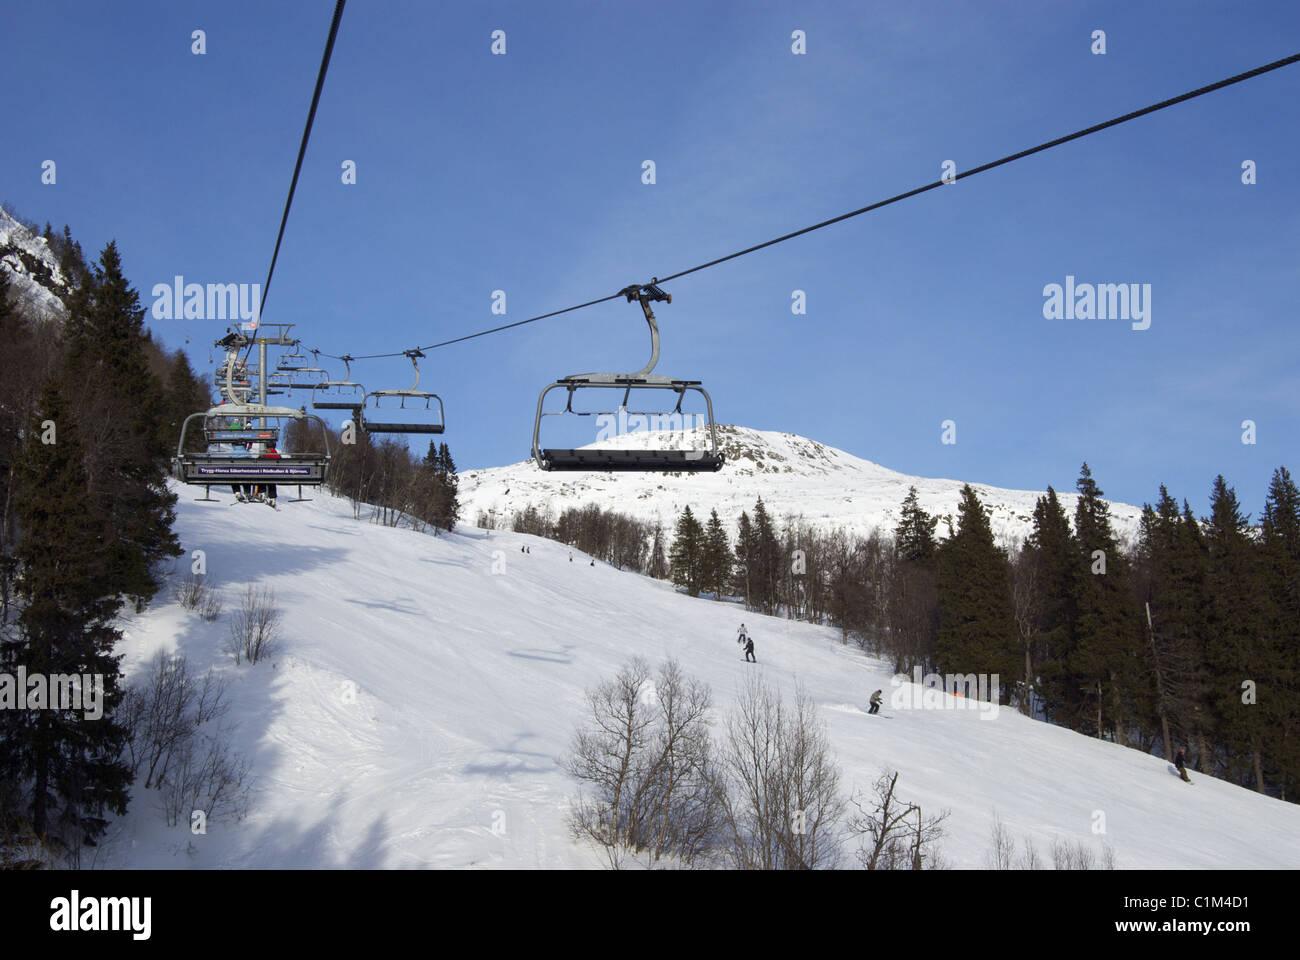 buy ski lift chair white bonded leather office vm6 in resort of Åre are sweden stock